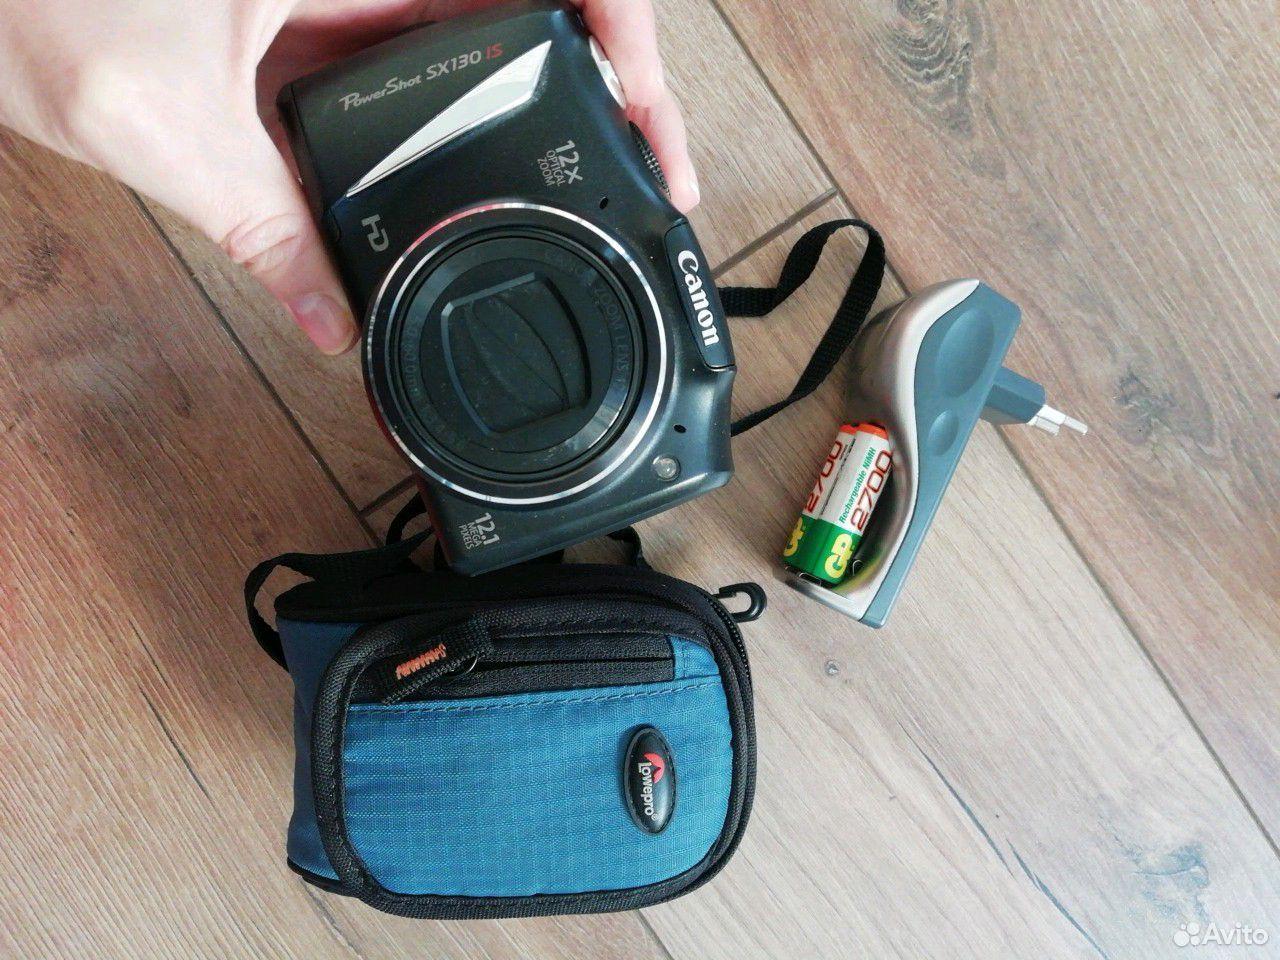 Фотоаппарат Canon+аккумы+зарядка+чехол  89185481344 купить 1